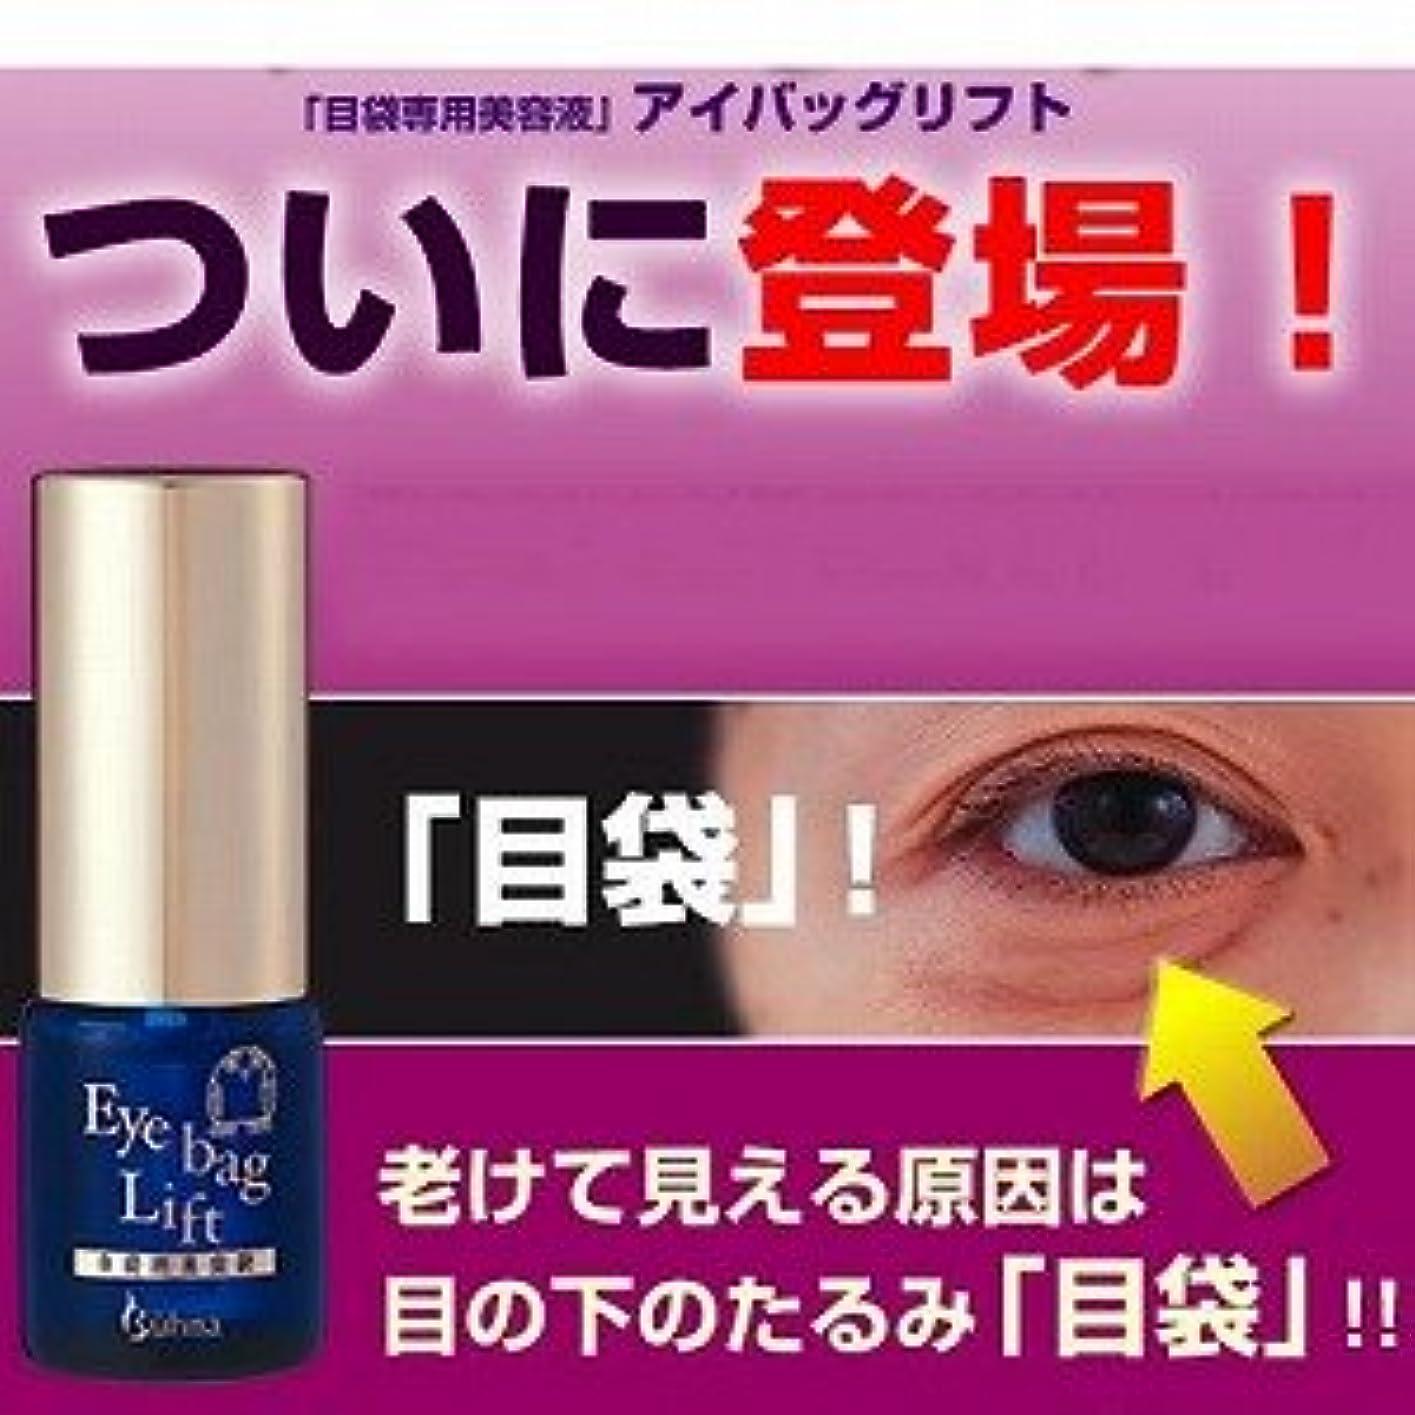 トランスミッションライトニング本気老けて見える原因は、目元、目の下のたるみ「目袋」『目袋専用美容液 アイバッグリフト』